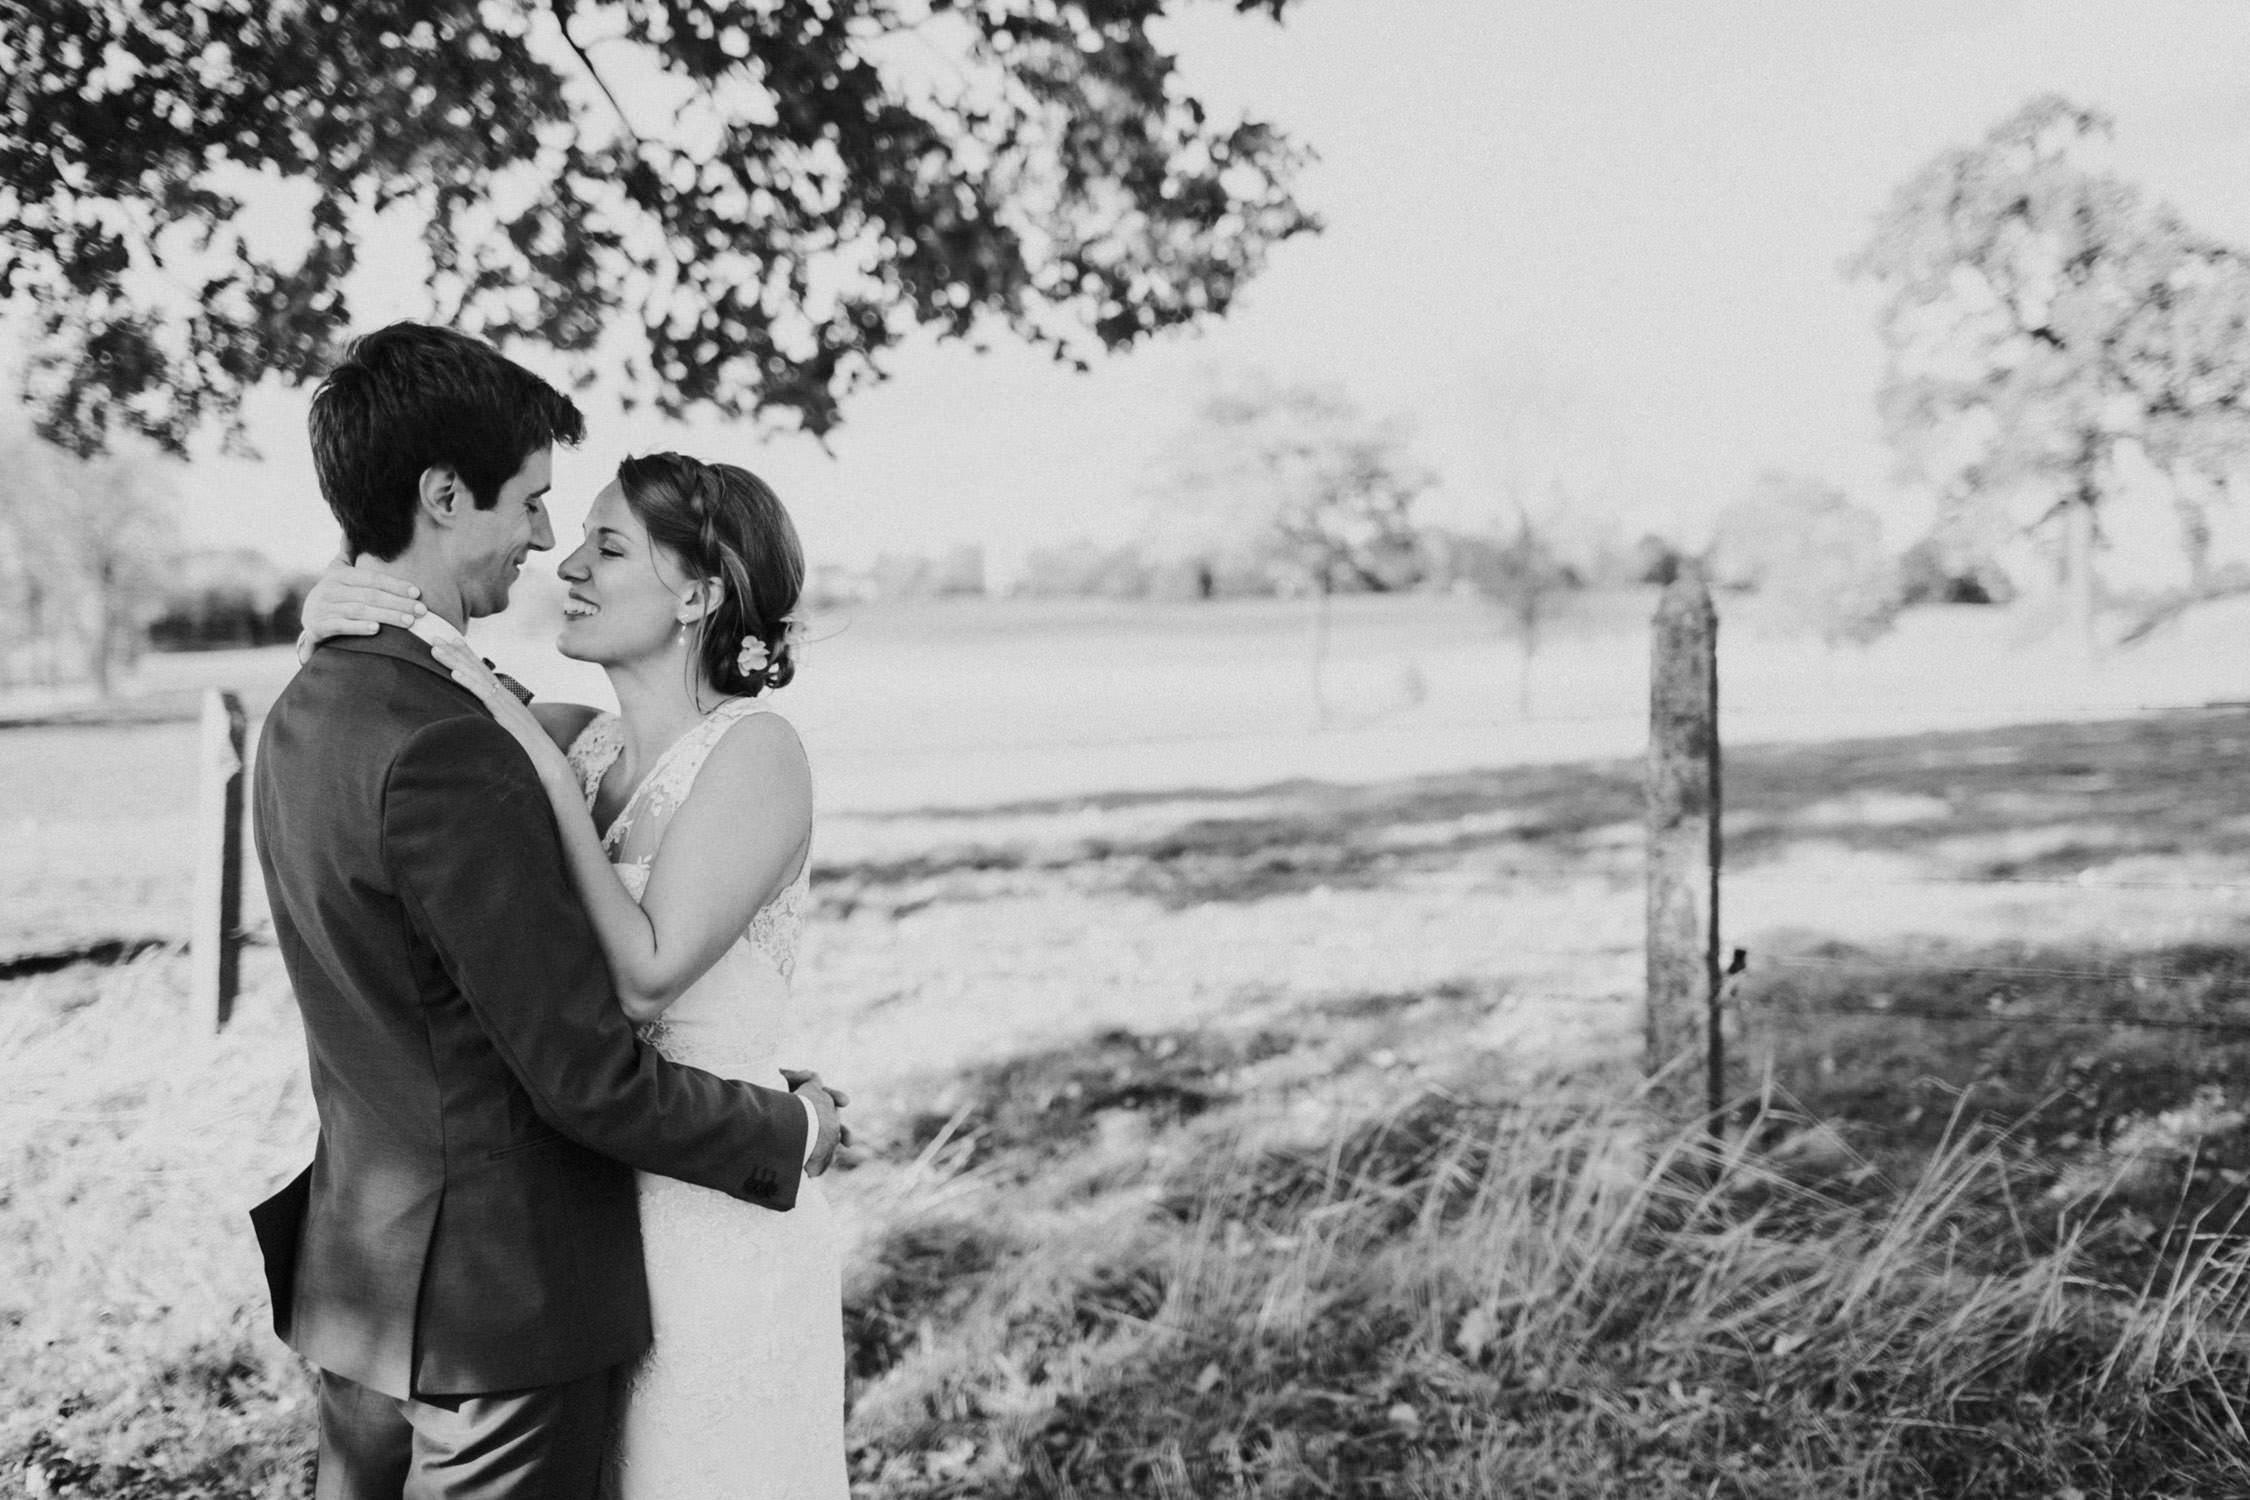 Wedding photographer Vilvoorde